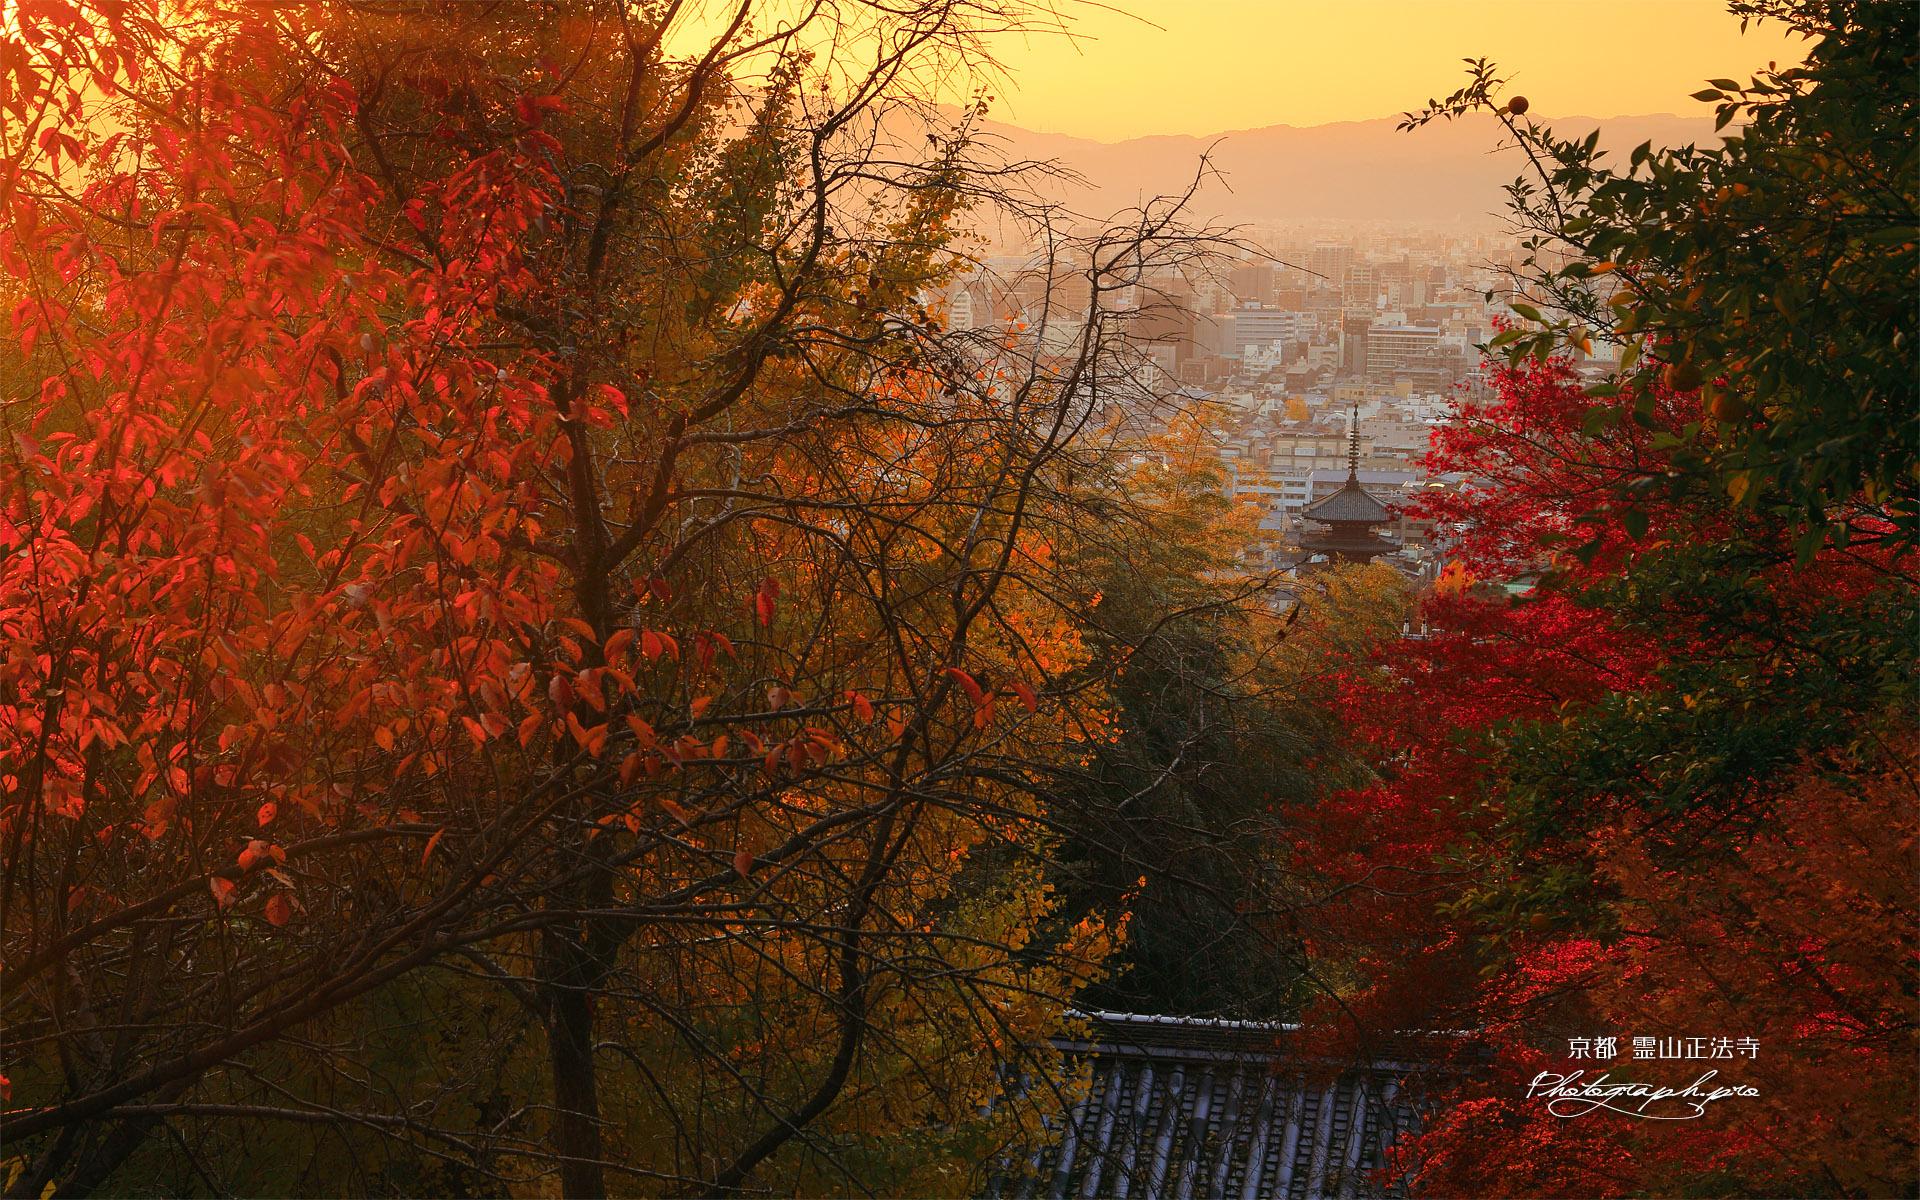 霊山正法寺 紅葉越しの山門と京都市街